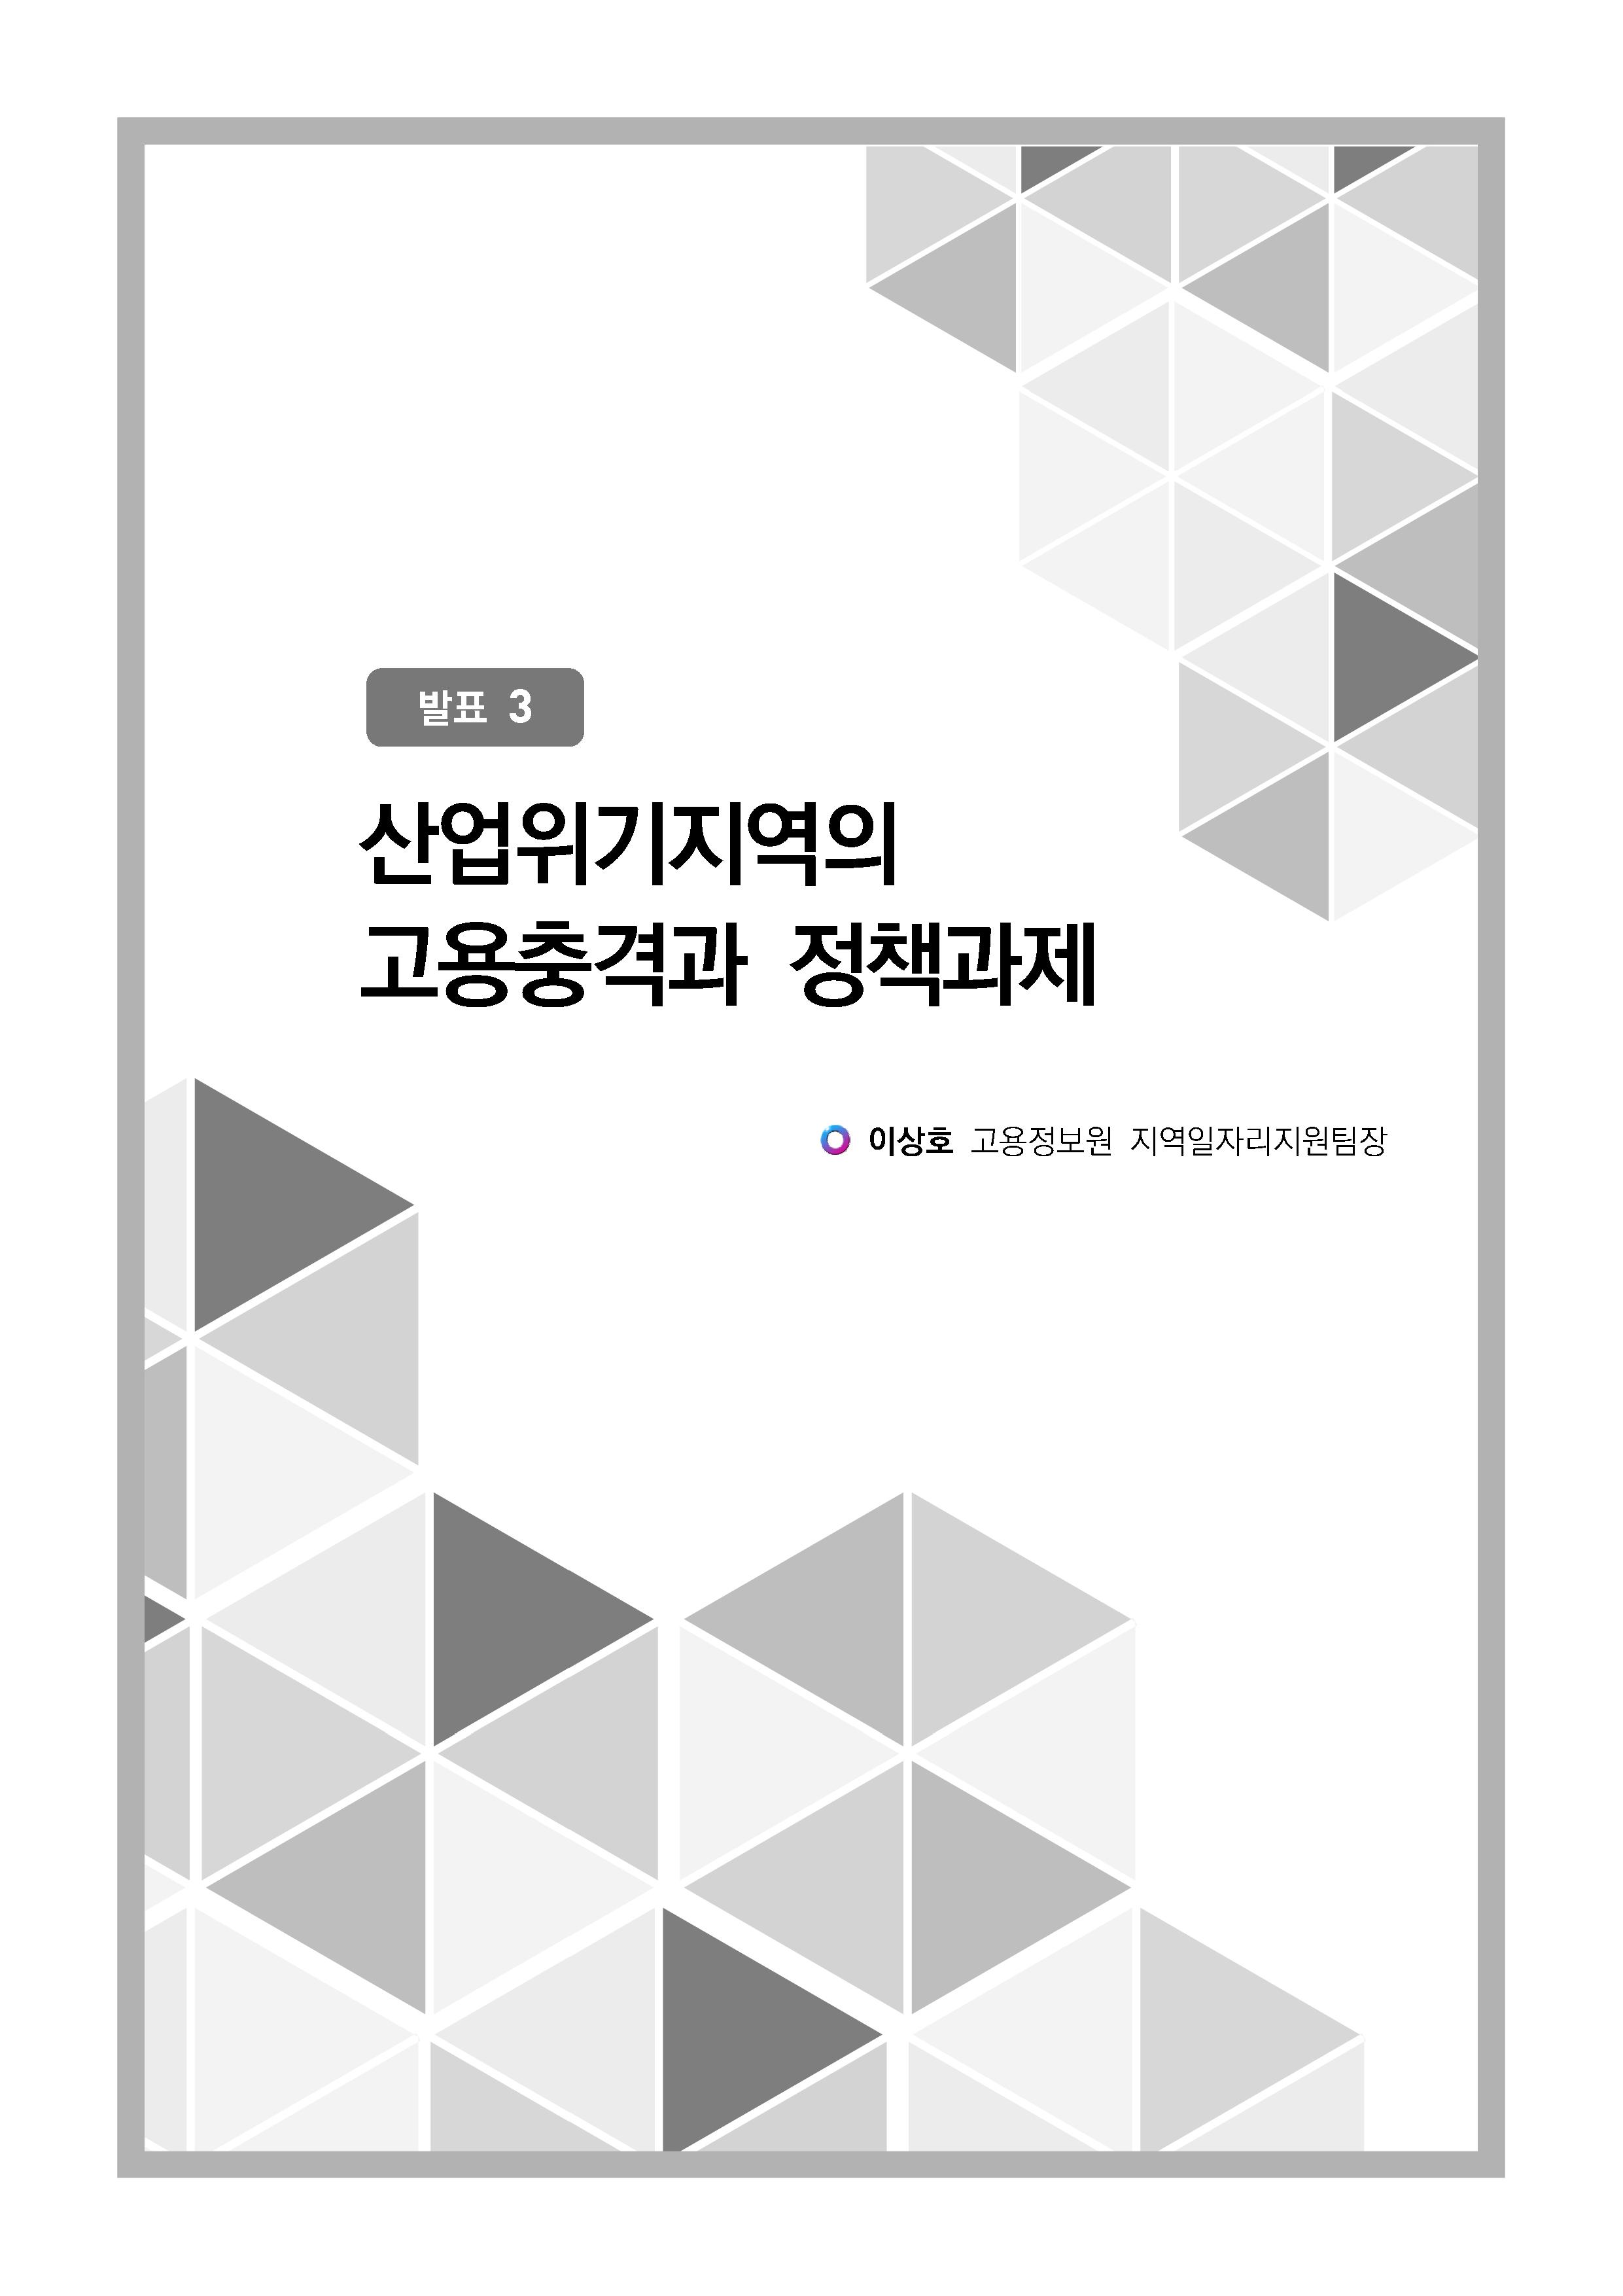 [제3회 산업도시의 위기진단 및 정책방안 국제세미나 발표3] 산업위기지역의 고용충격과 정책 과제표지